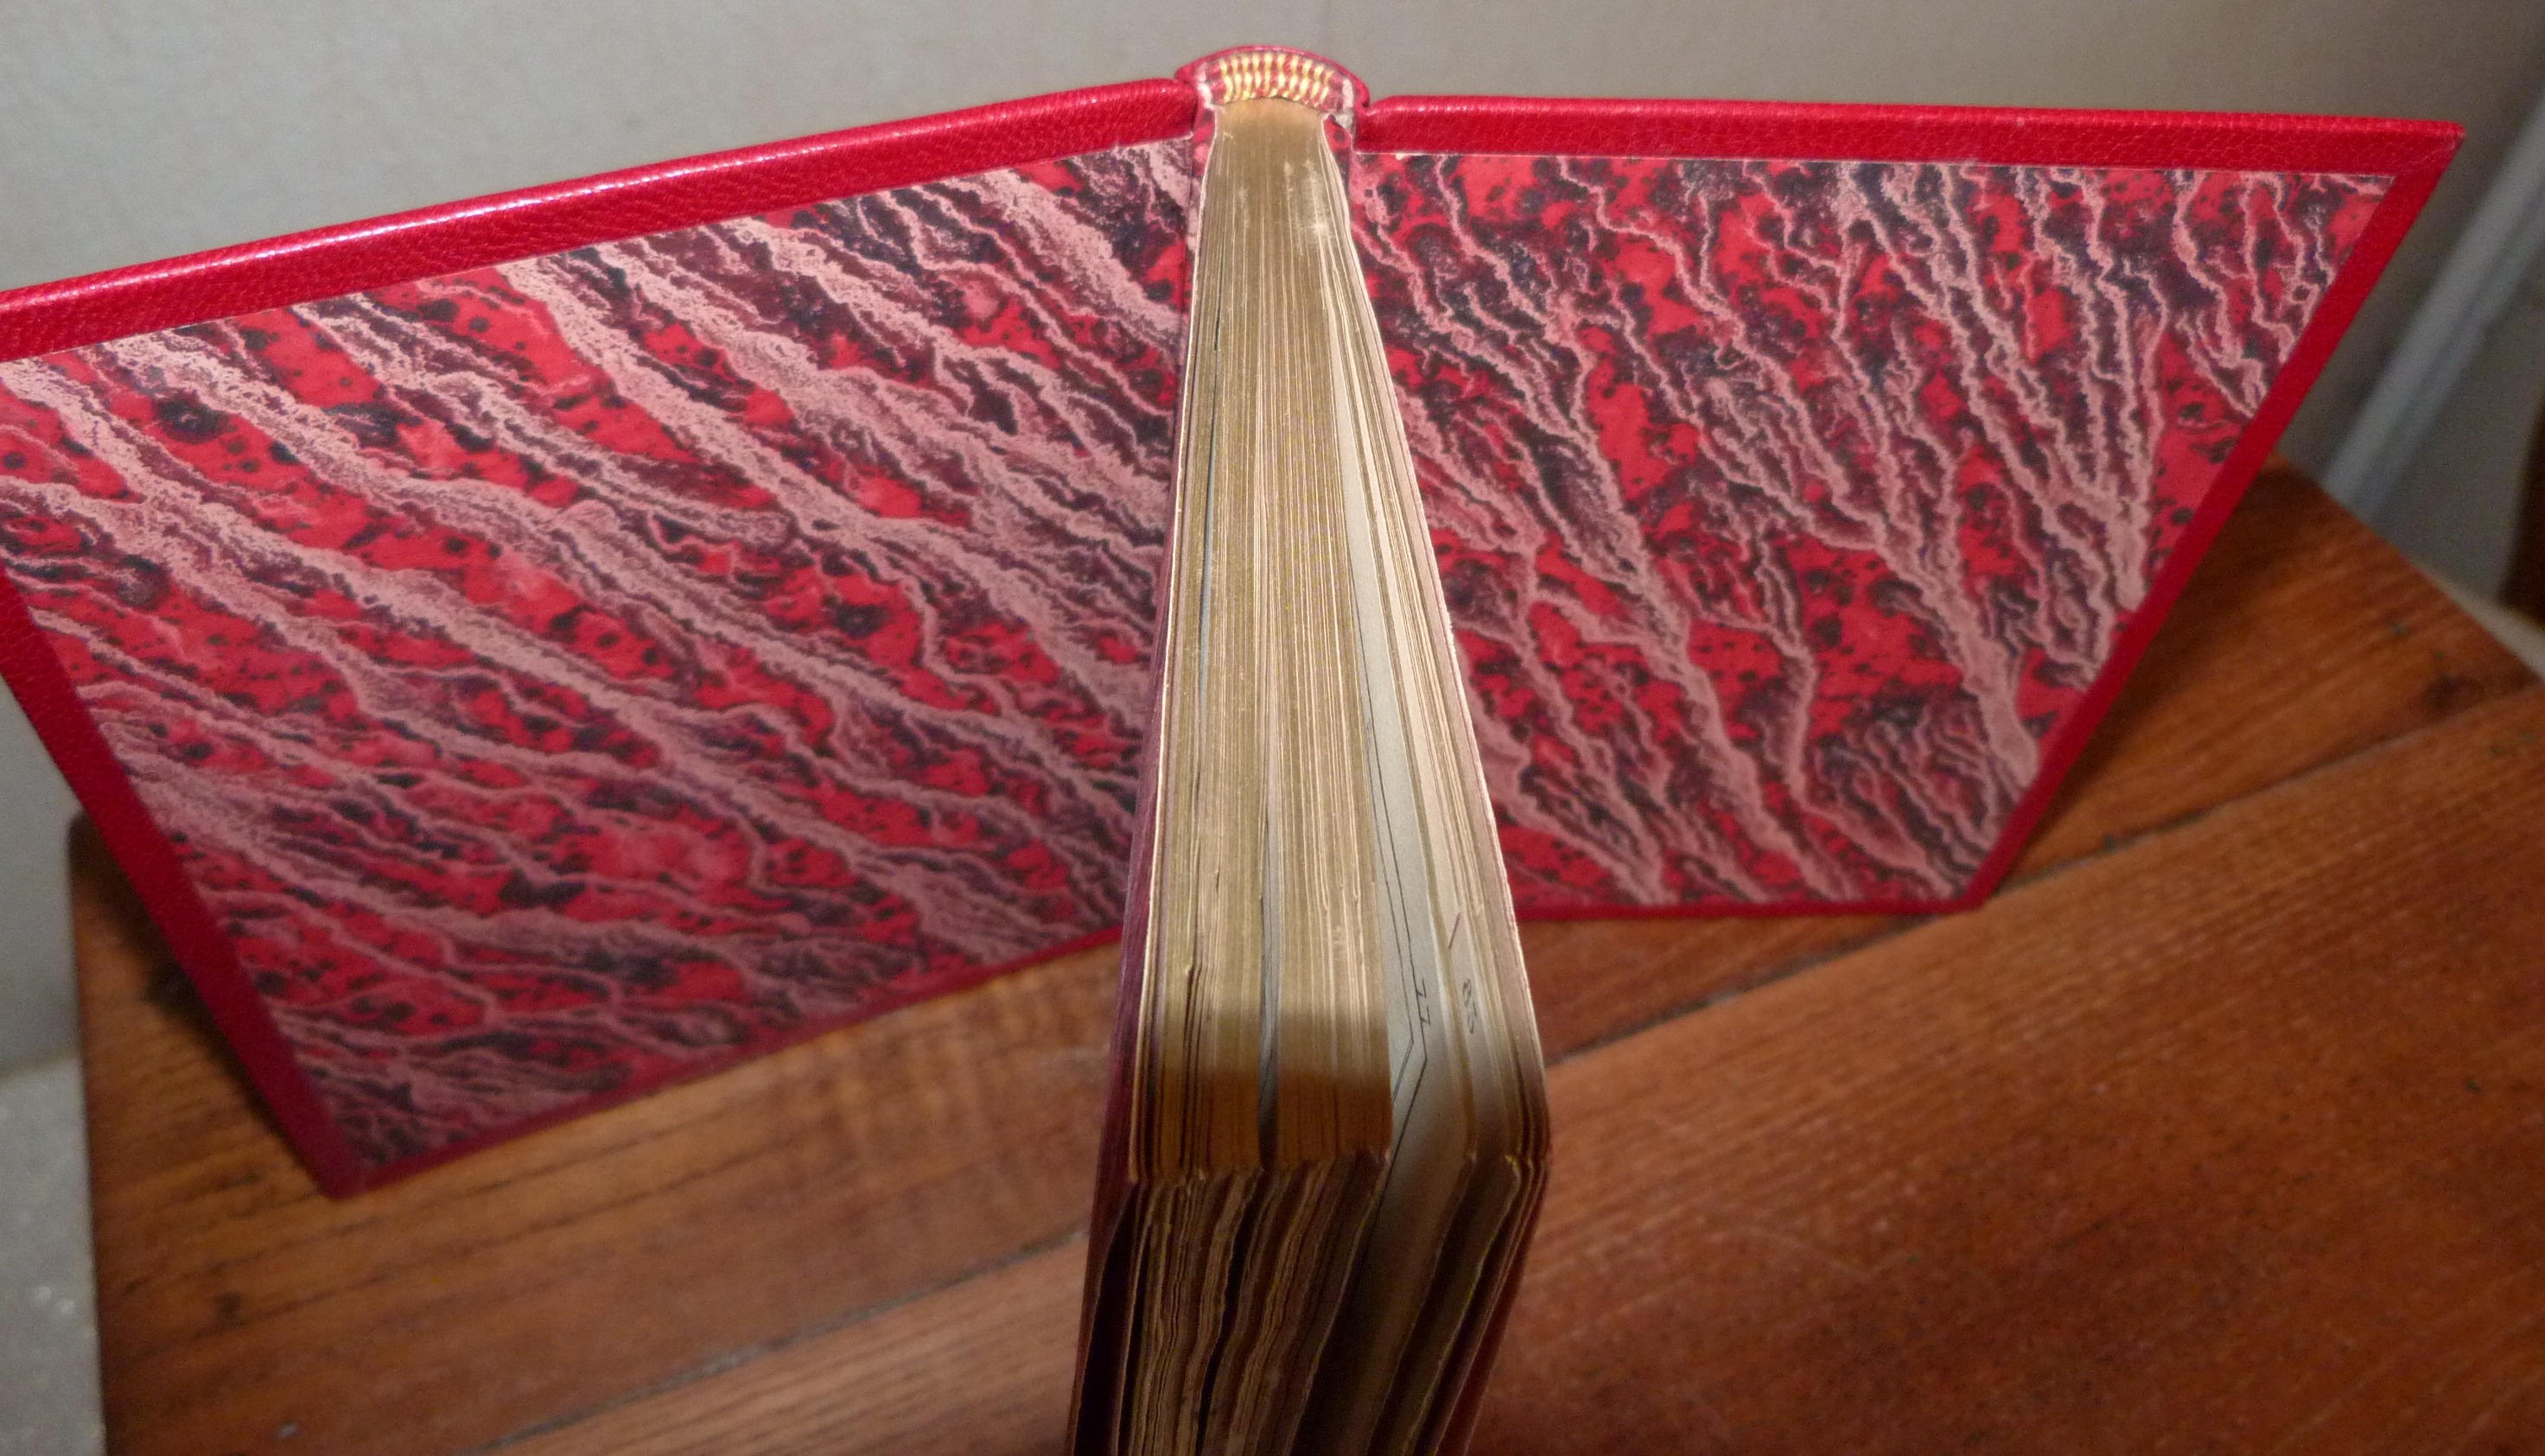 Plein cuir rouge à décors aux petits fers en oasis jaune représentant deux faces de la mappemonde, téte dorée, 5 nerfs double, intérieur des plats